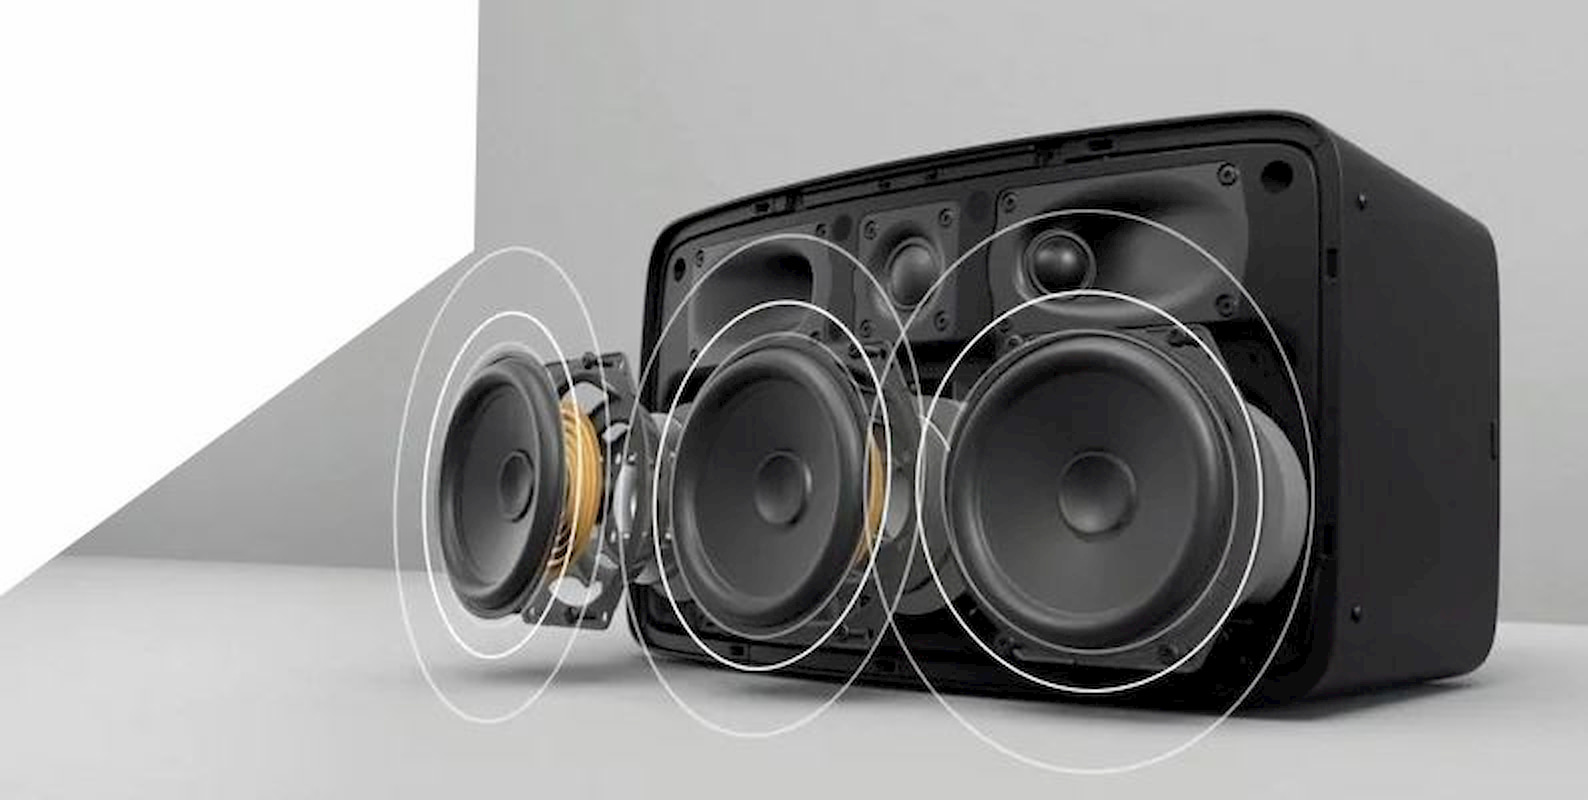 Sonos Five e Sub de terceira geração vazam antes do evento de revelação